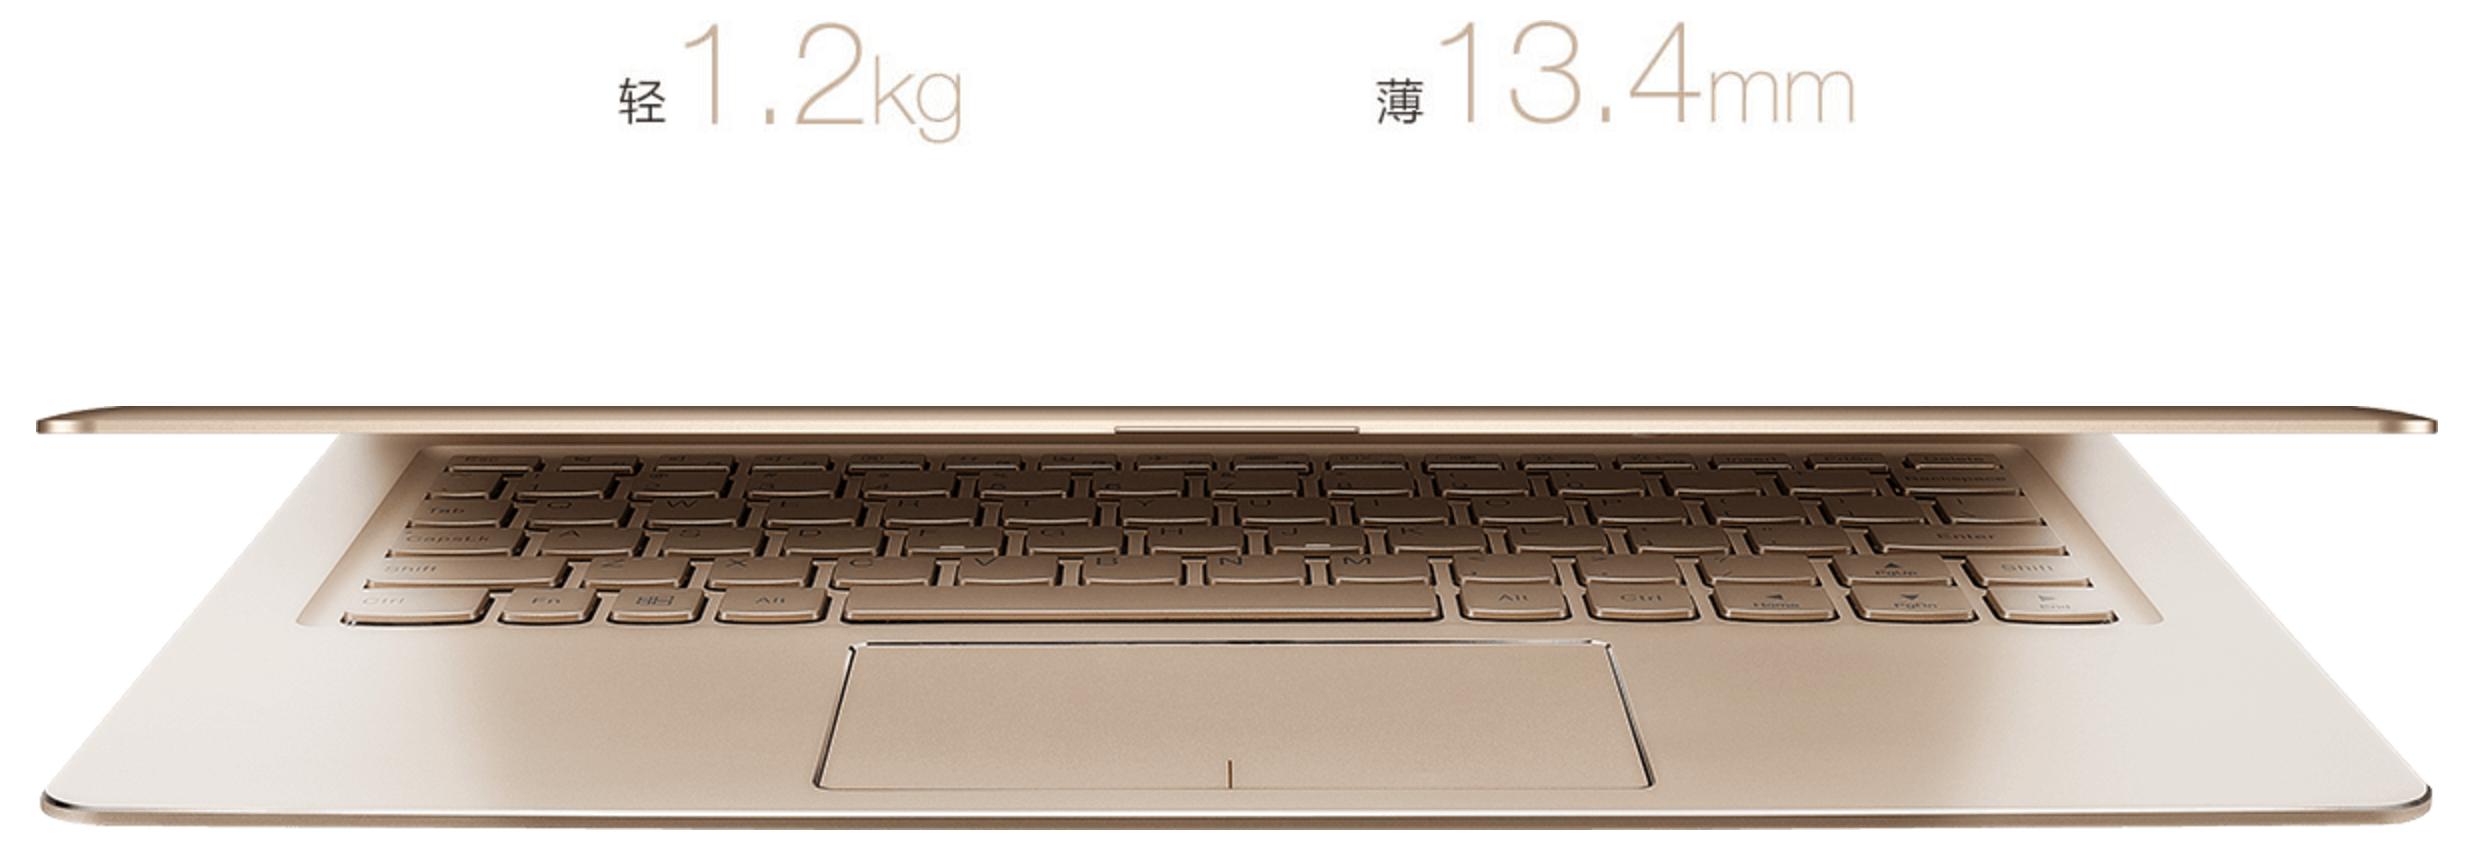 ideapad-air12-weight